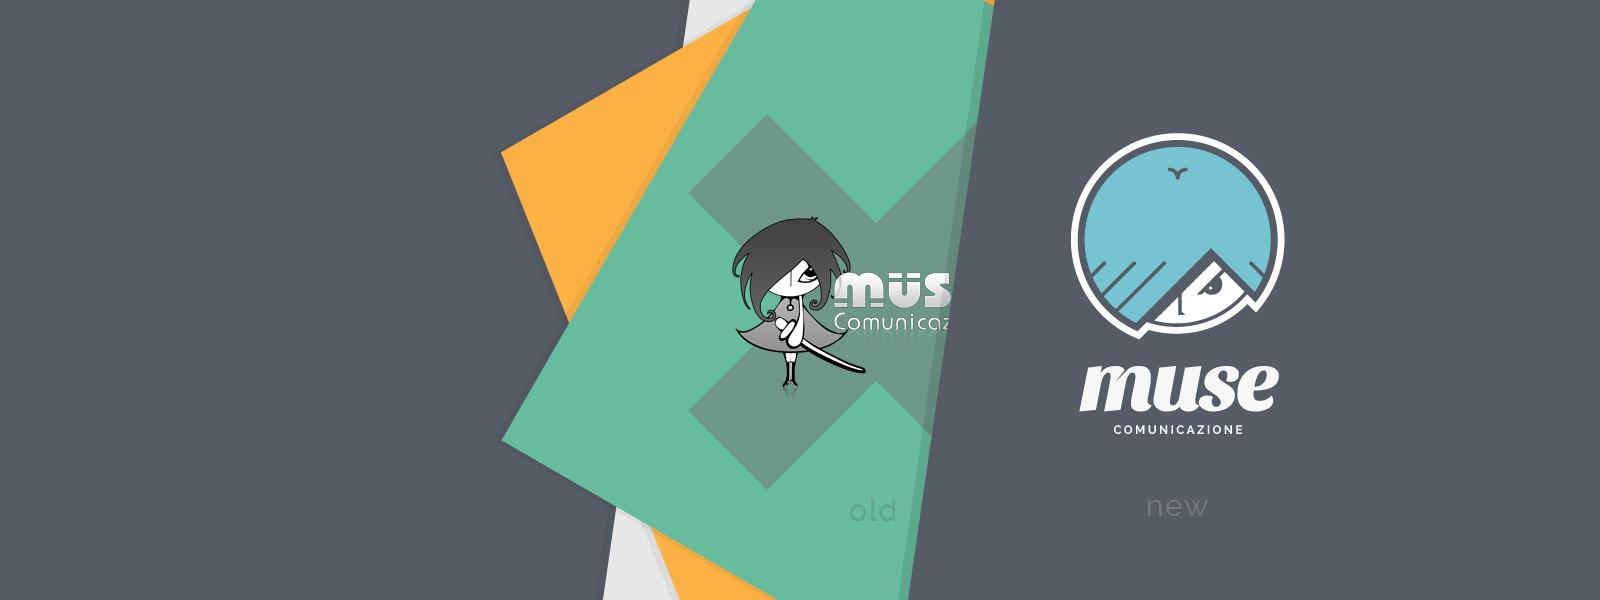 Muse Comunicazione - New Brand Identity